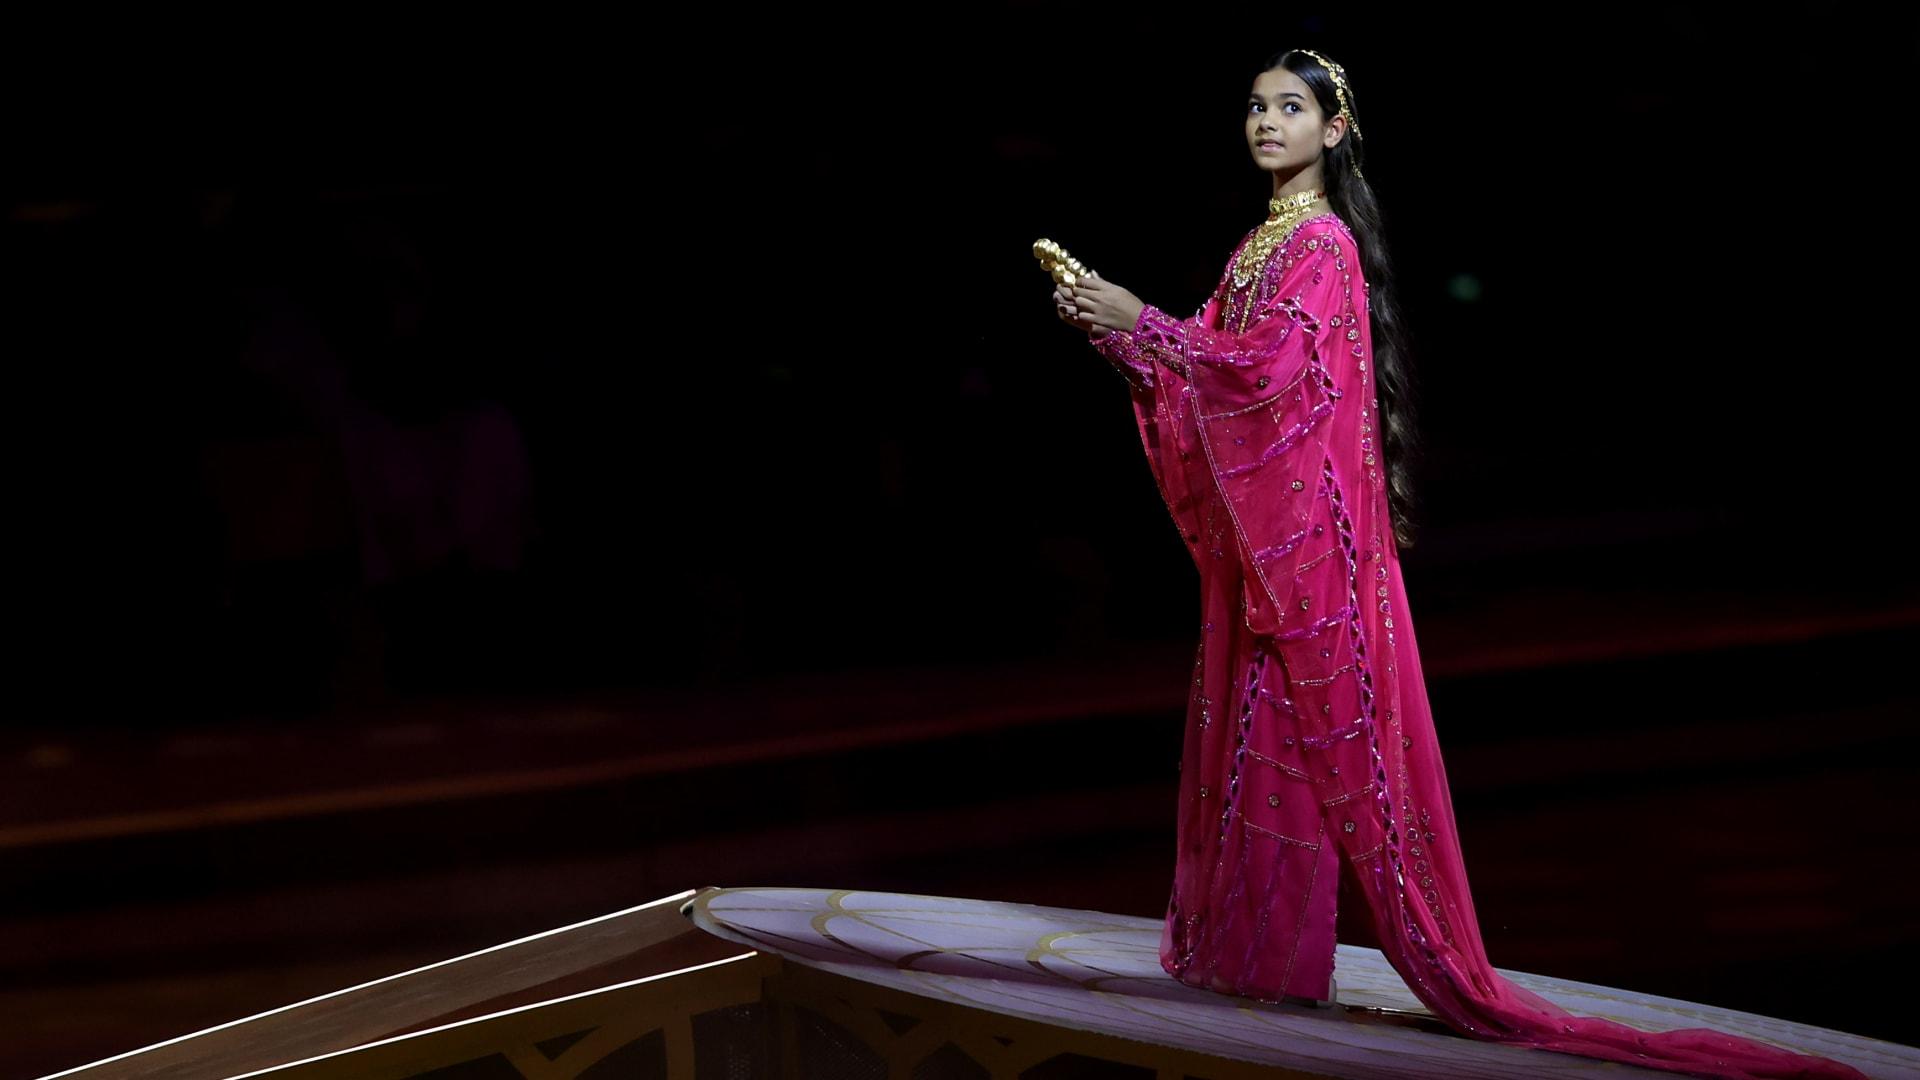 ما قد لا تعرفونه عن الطفلة ميرا سينغ بطلة افتتاح إكسبو 2020 دبي